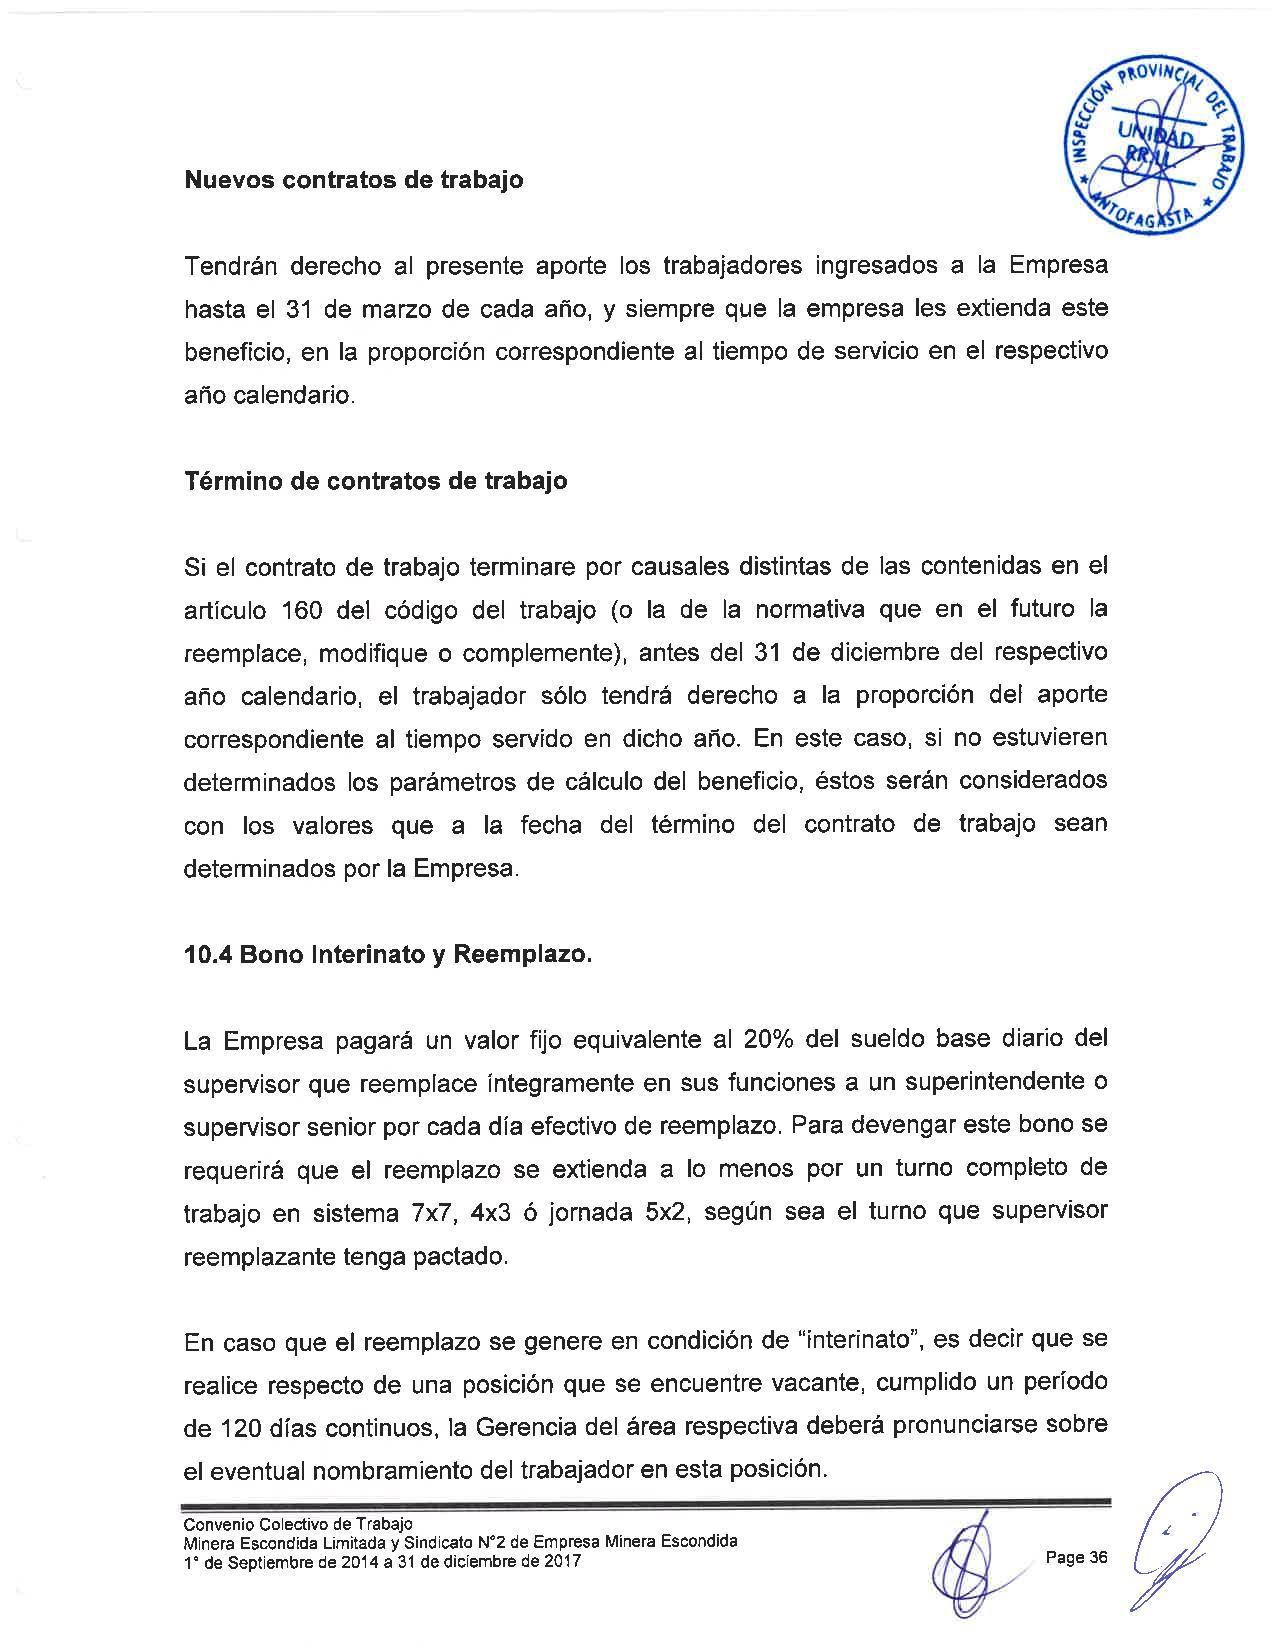 Página (36).jpg